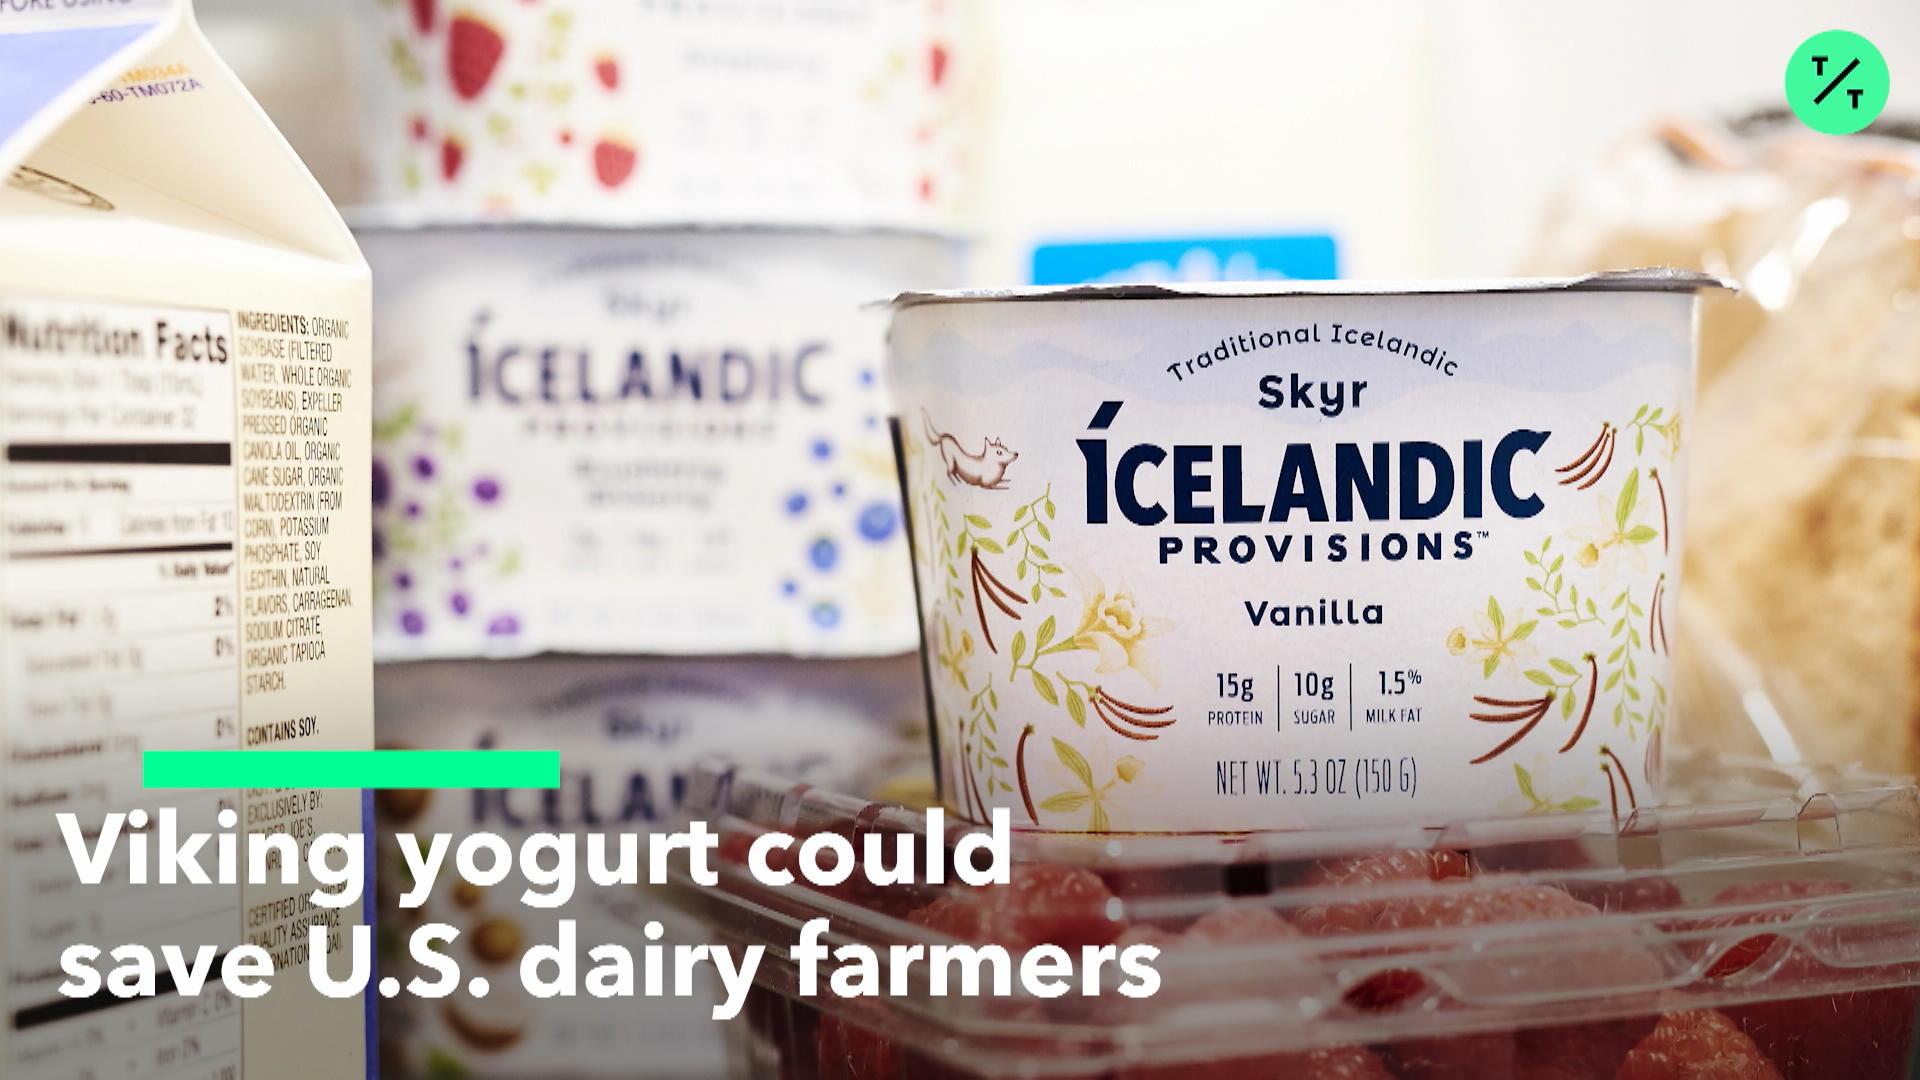 Iceland's Skyr Helps U.S. Dairy Farmers